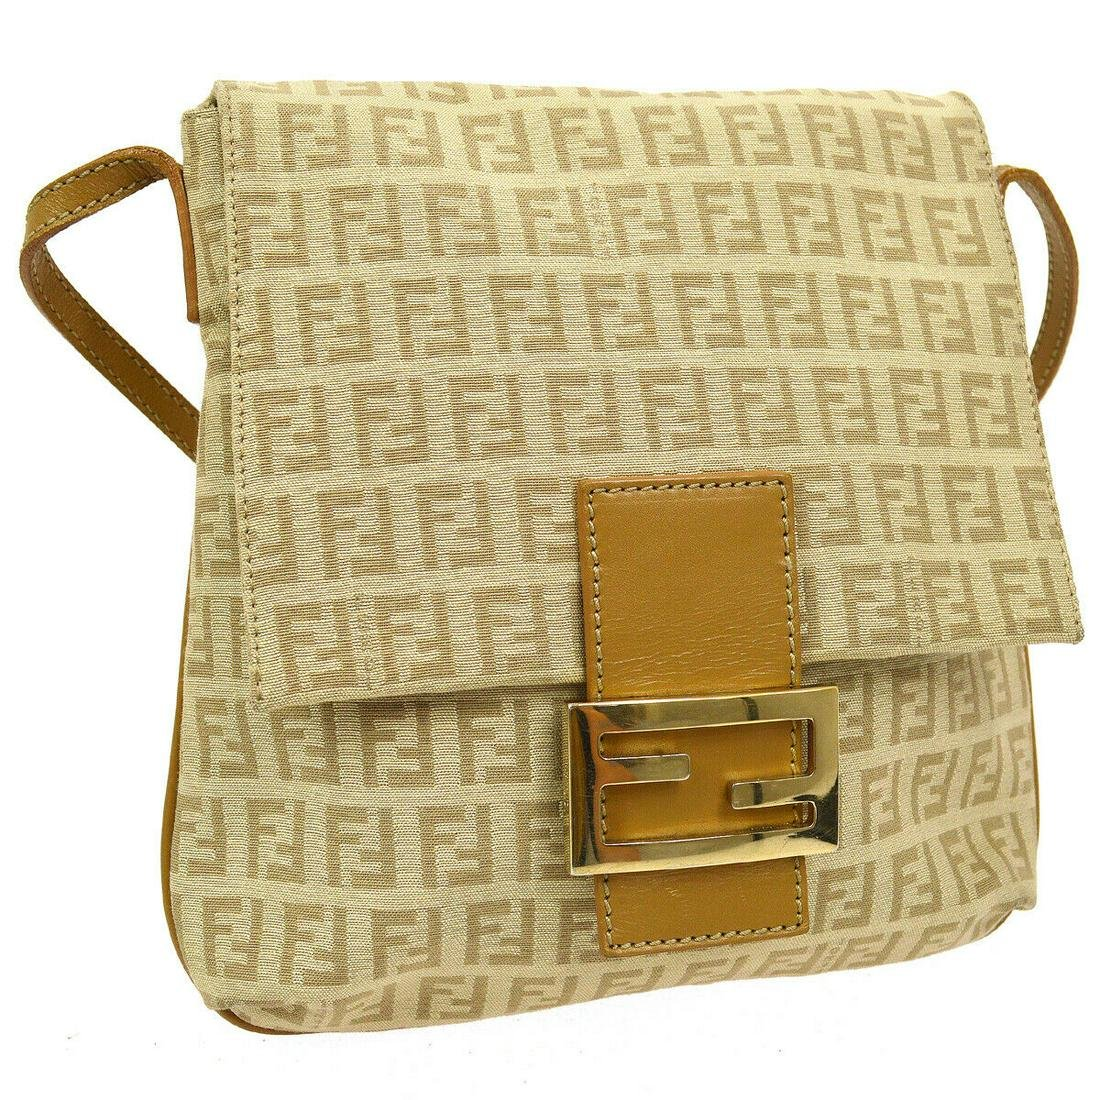 Authentic FENDI Canvas, Leather Shoulder Bag